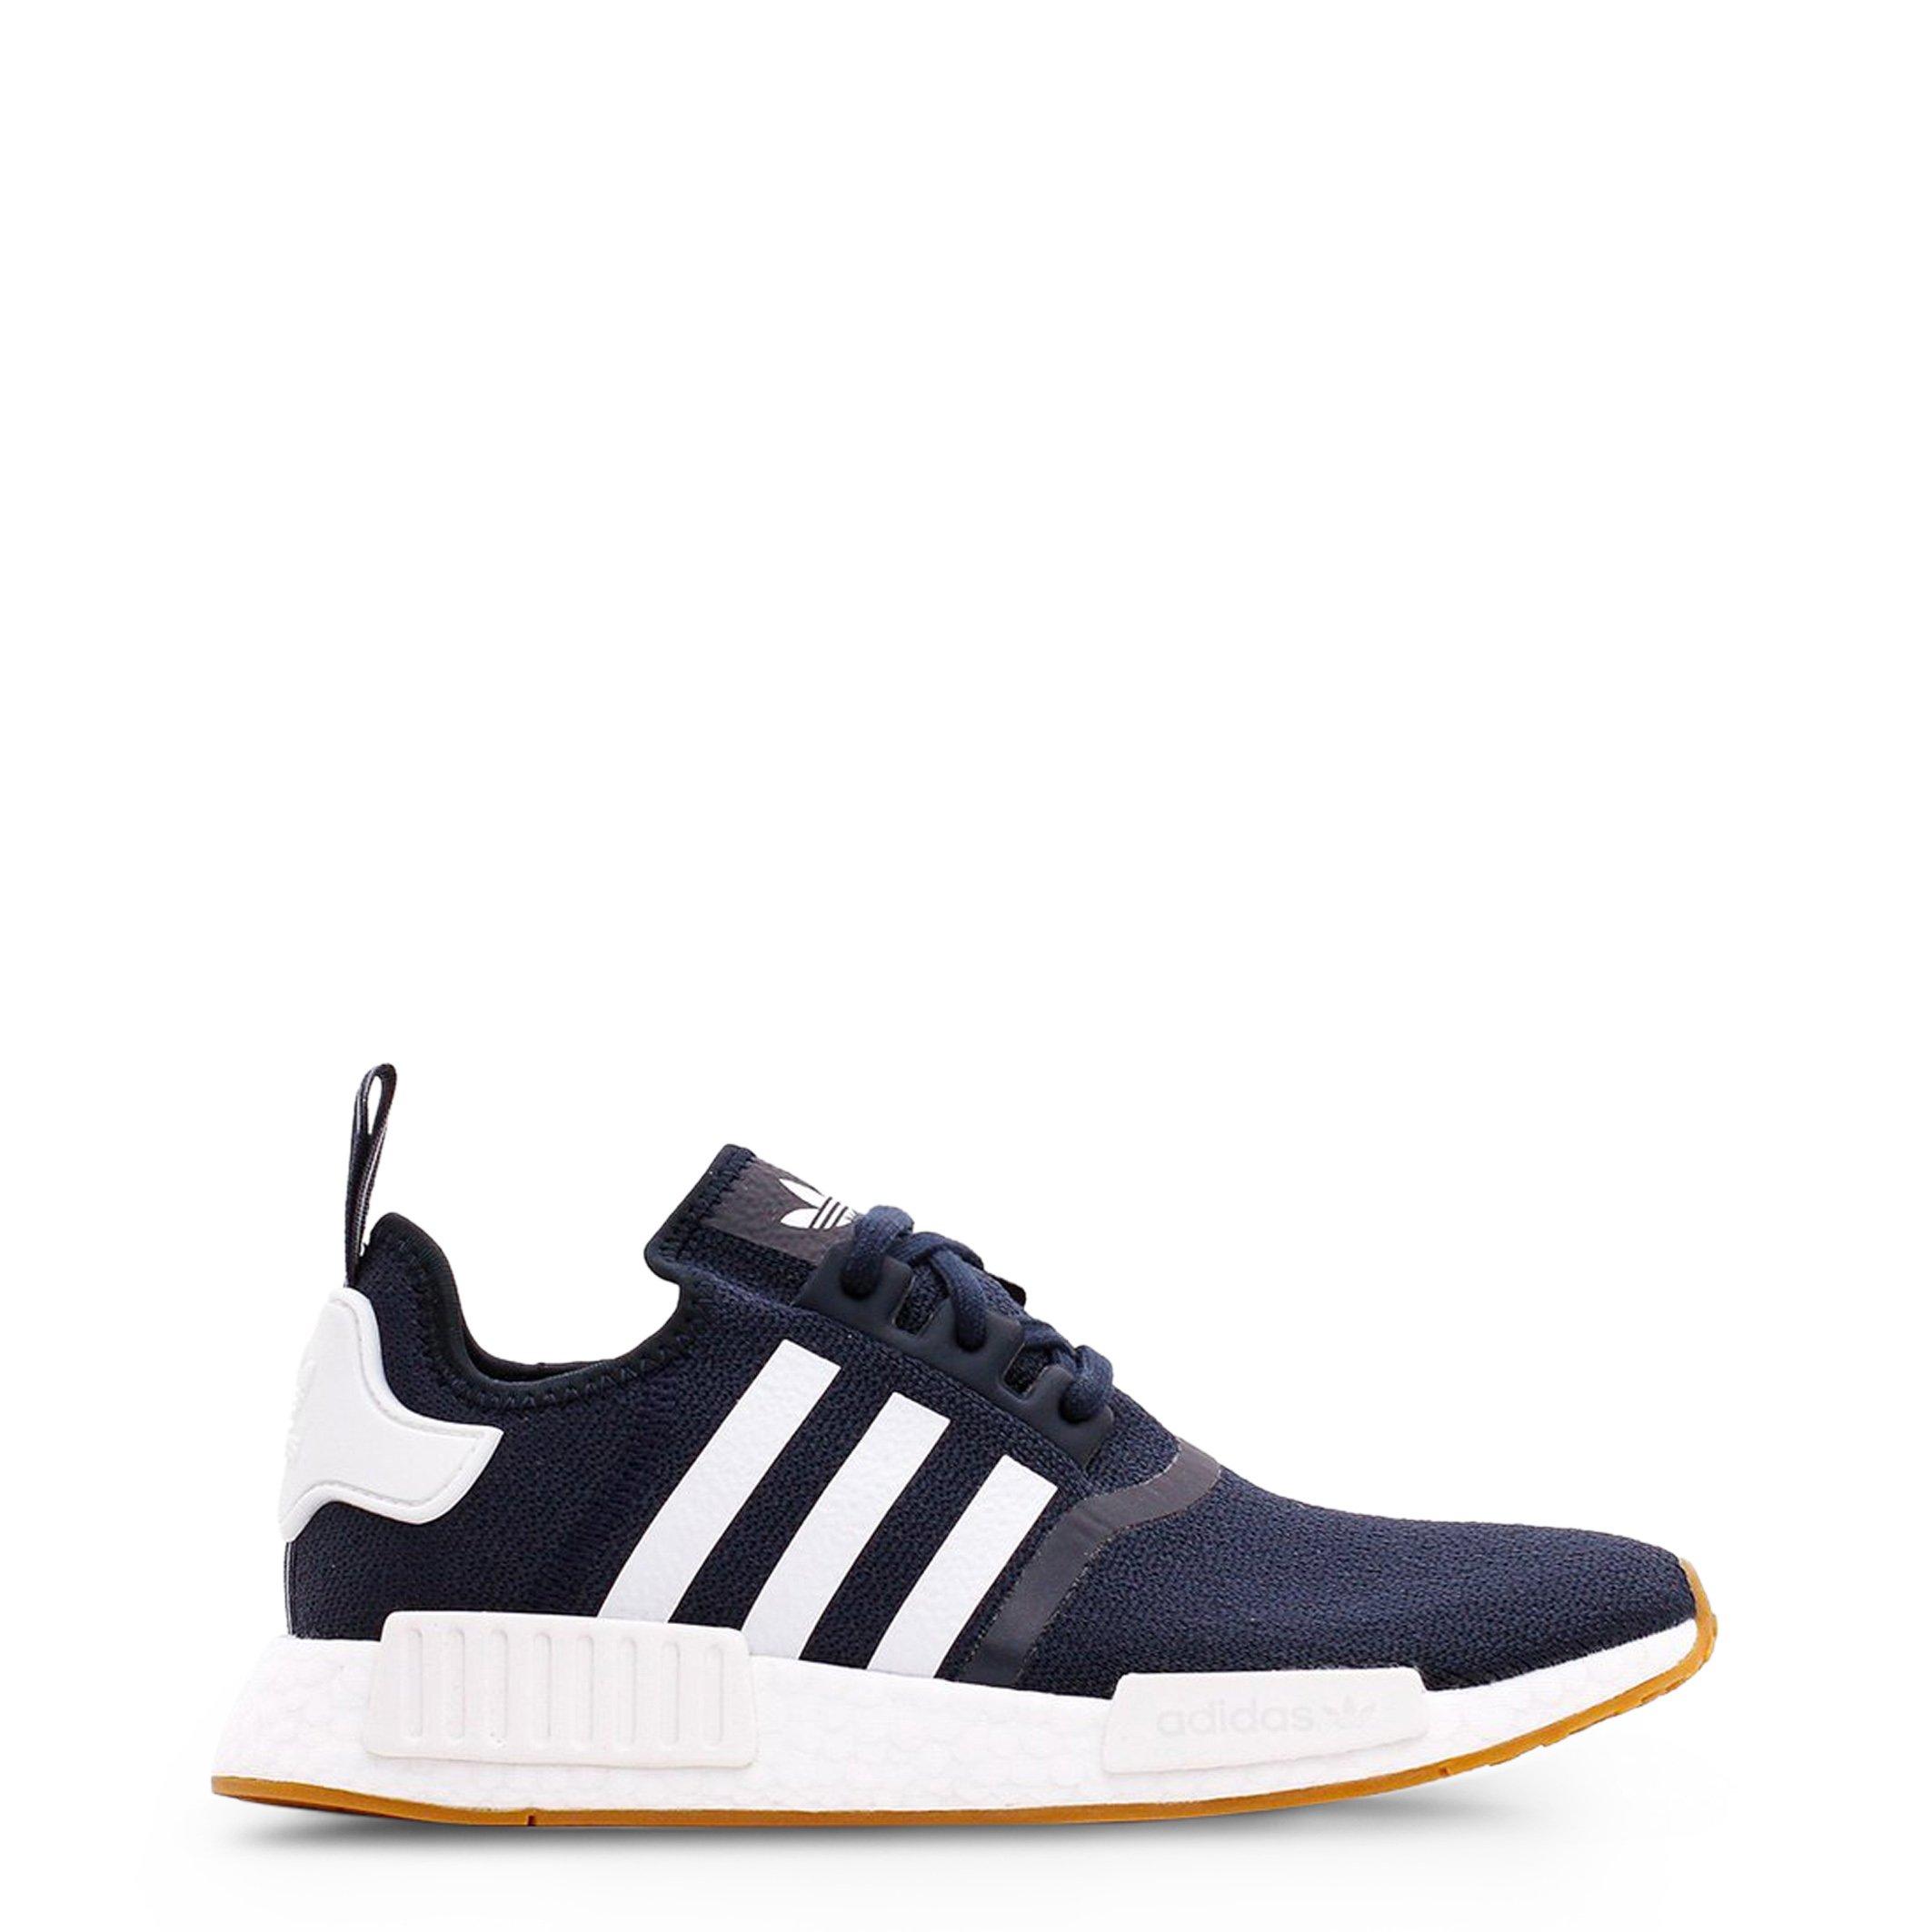 Adidas Unisex Trainer White FV8727 - blue UK 11.0